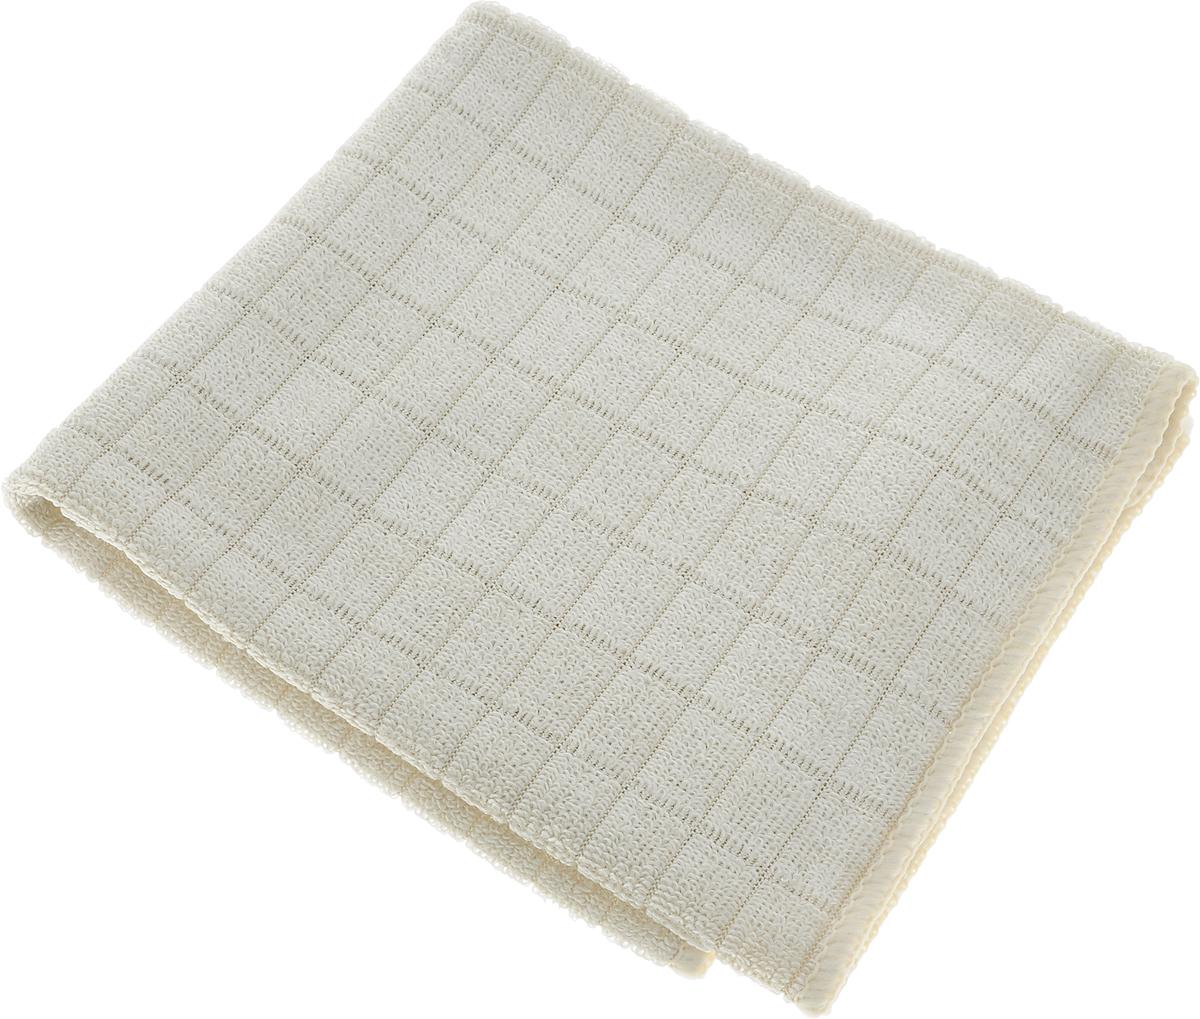 Салфетка для мытья и полировки автомобиля Sapfire Micro Lines, цвет: бежевый, 30 х 40 см3005-SFM_бежевыйТехнология изготовления Микрофибры Сапфир гарантирует великолепные чистящие и адсорбирующие свойства, повышенную мягкость, плотность и длительность использования. Микролинии усиливают чистящие свойства салфетки, позволяют эффективно бороться с загрязнениями на любых поверхностях. Клиновидные микроскопические волокна захватывают и легко удерживают частички пыли, жировой и никотиновый налет, микроорганизмы, в том числе болезнетворные и вызывающие аллергию. Обладает уникальной способностью быстро впитывать большой объем жидкости (в 8 раз больше собственной массы). Салфетка великолепно моет и сушит. Протертая поверхность становится идеально чистой, сухой, блестящей, без разводов и ворсинок. Применение: как в сухом, так и во влажном виде. При удалении влаги и при протирке влажных поверхностей для лучшего результата чаще выжимать. Уход: Стирать отдельно. Допускается машинная и ручная стирка слабым моющим раствором в теплой воде. Не отбеливать, не гладить. Состав: 80% полиэстер, 20% полиамид.